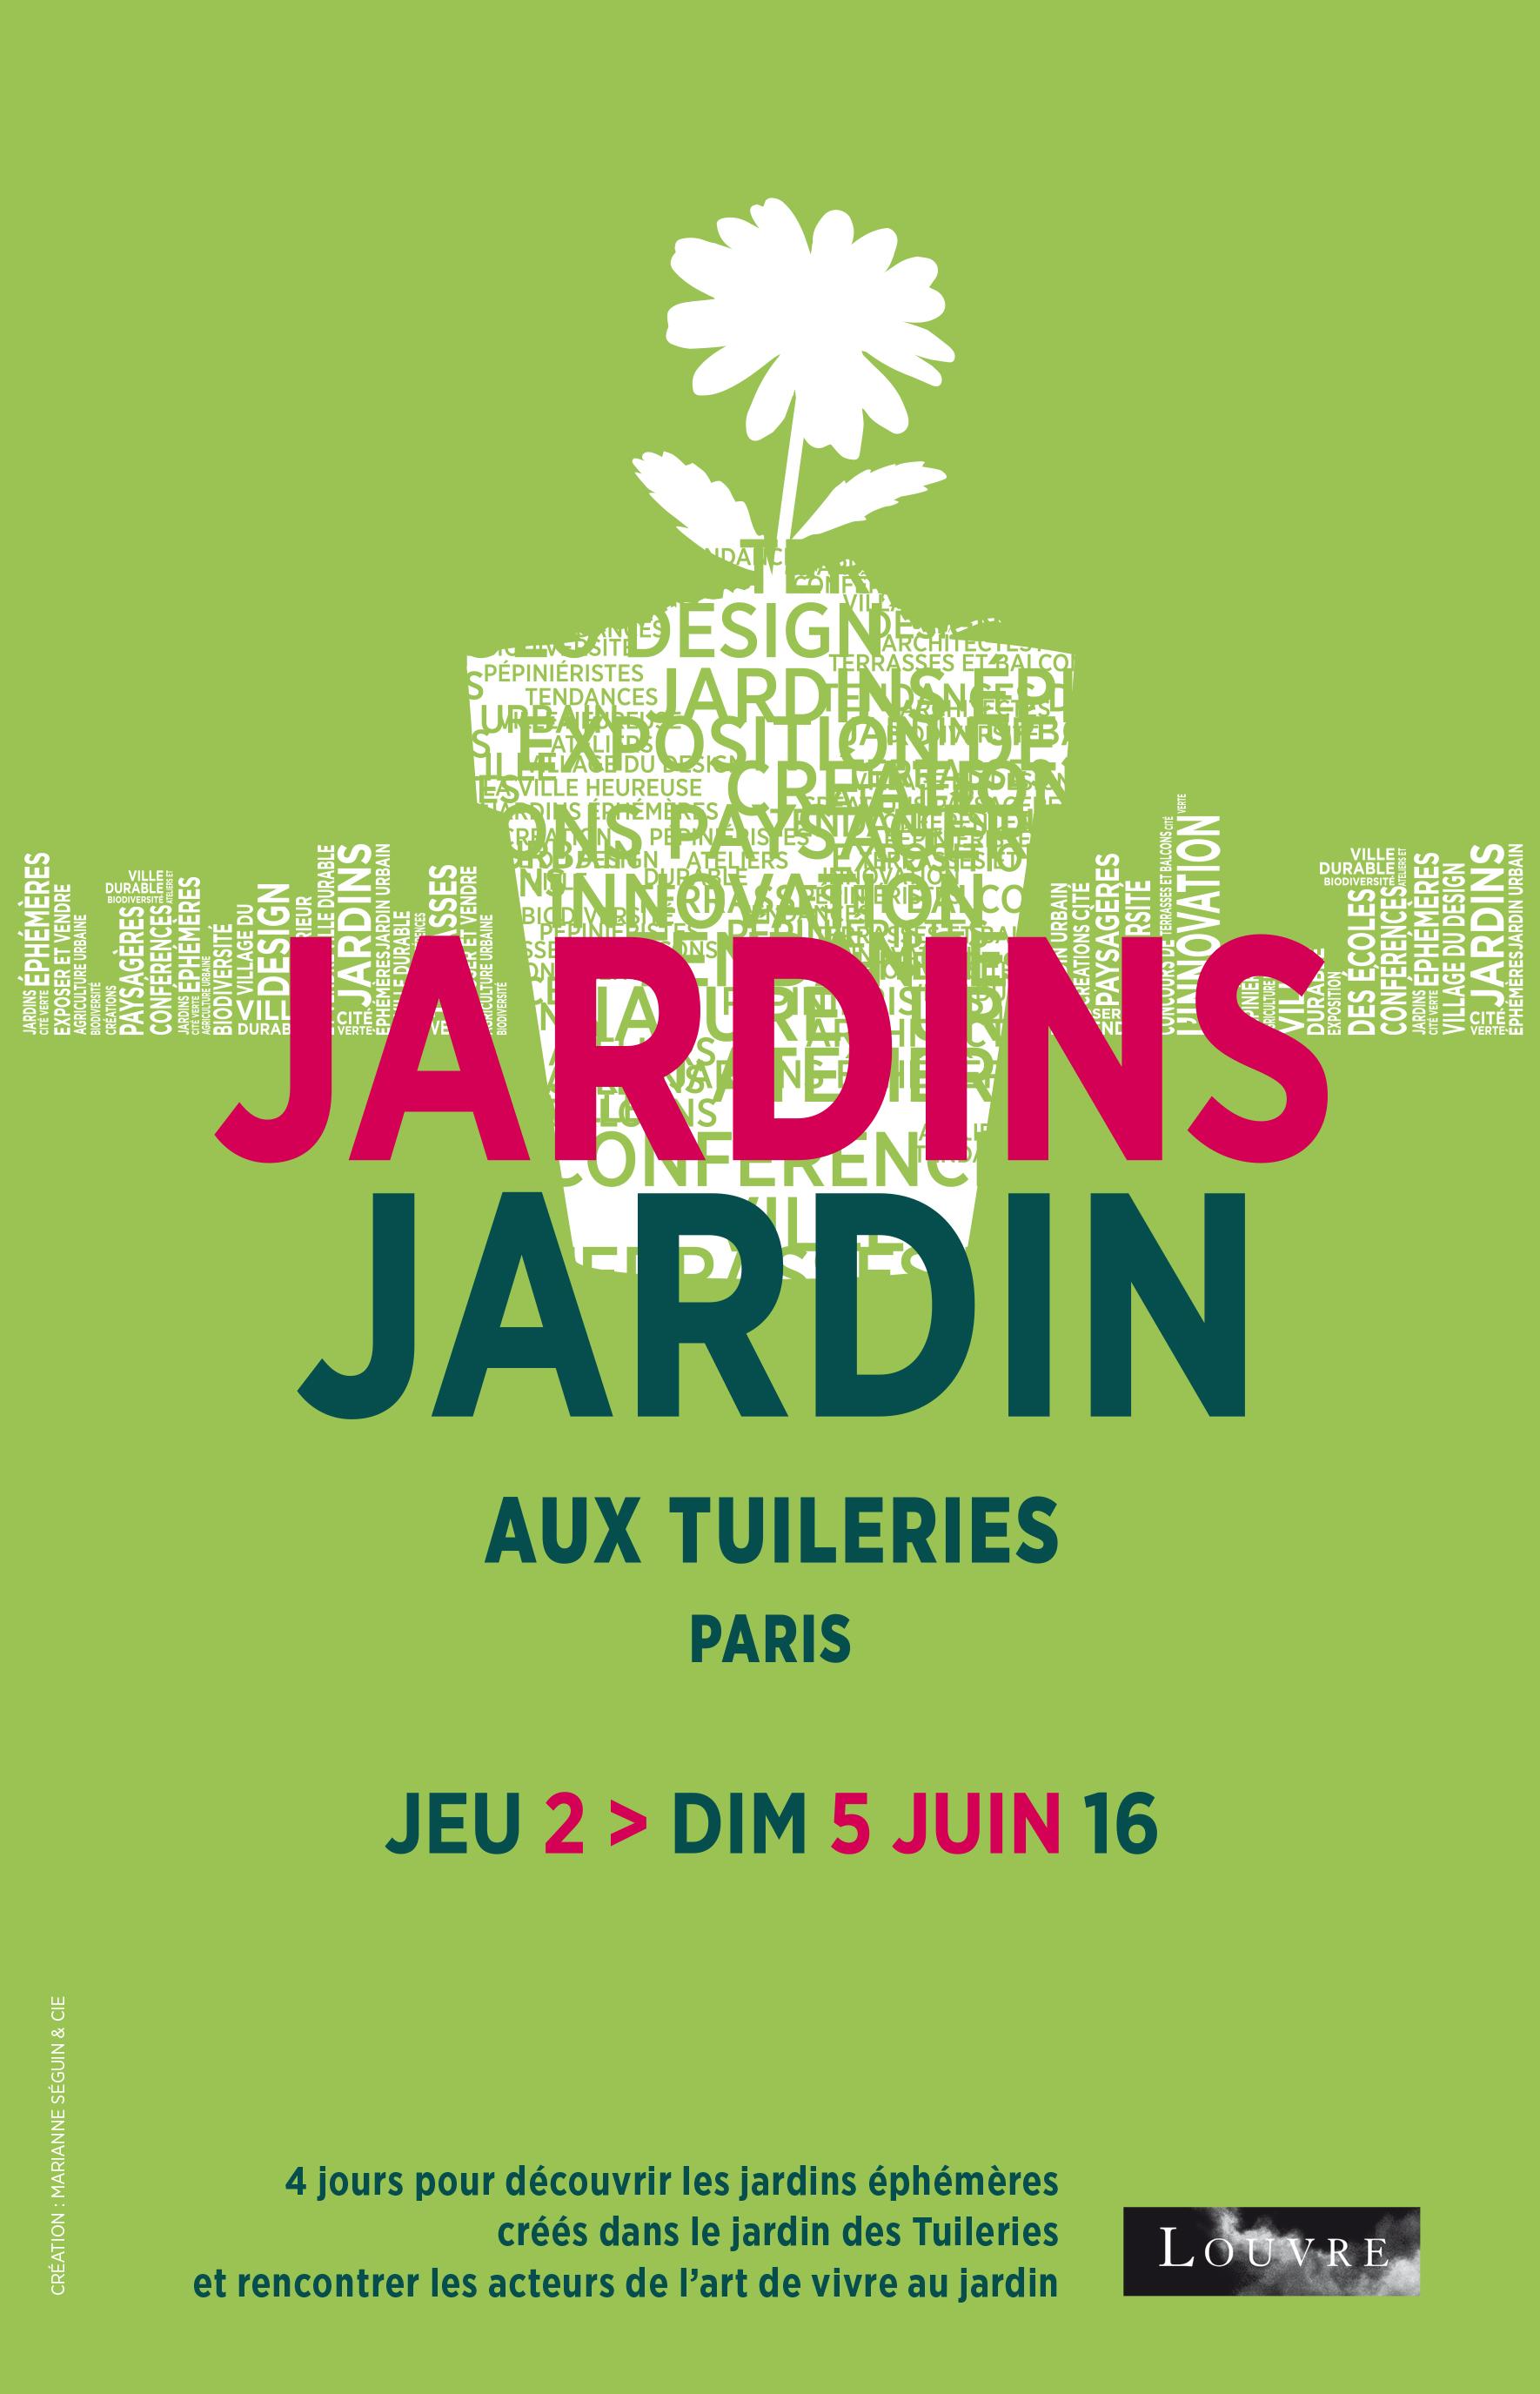 Comme au jardin 2 juin au 31 juillet 2016 galerie vauclair for Jardins jardin 2016